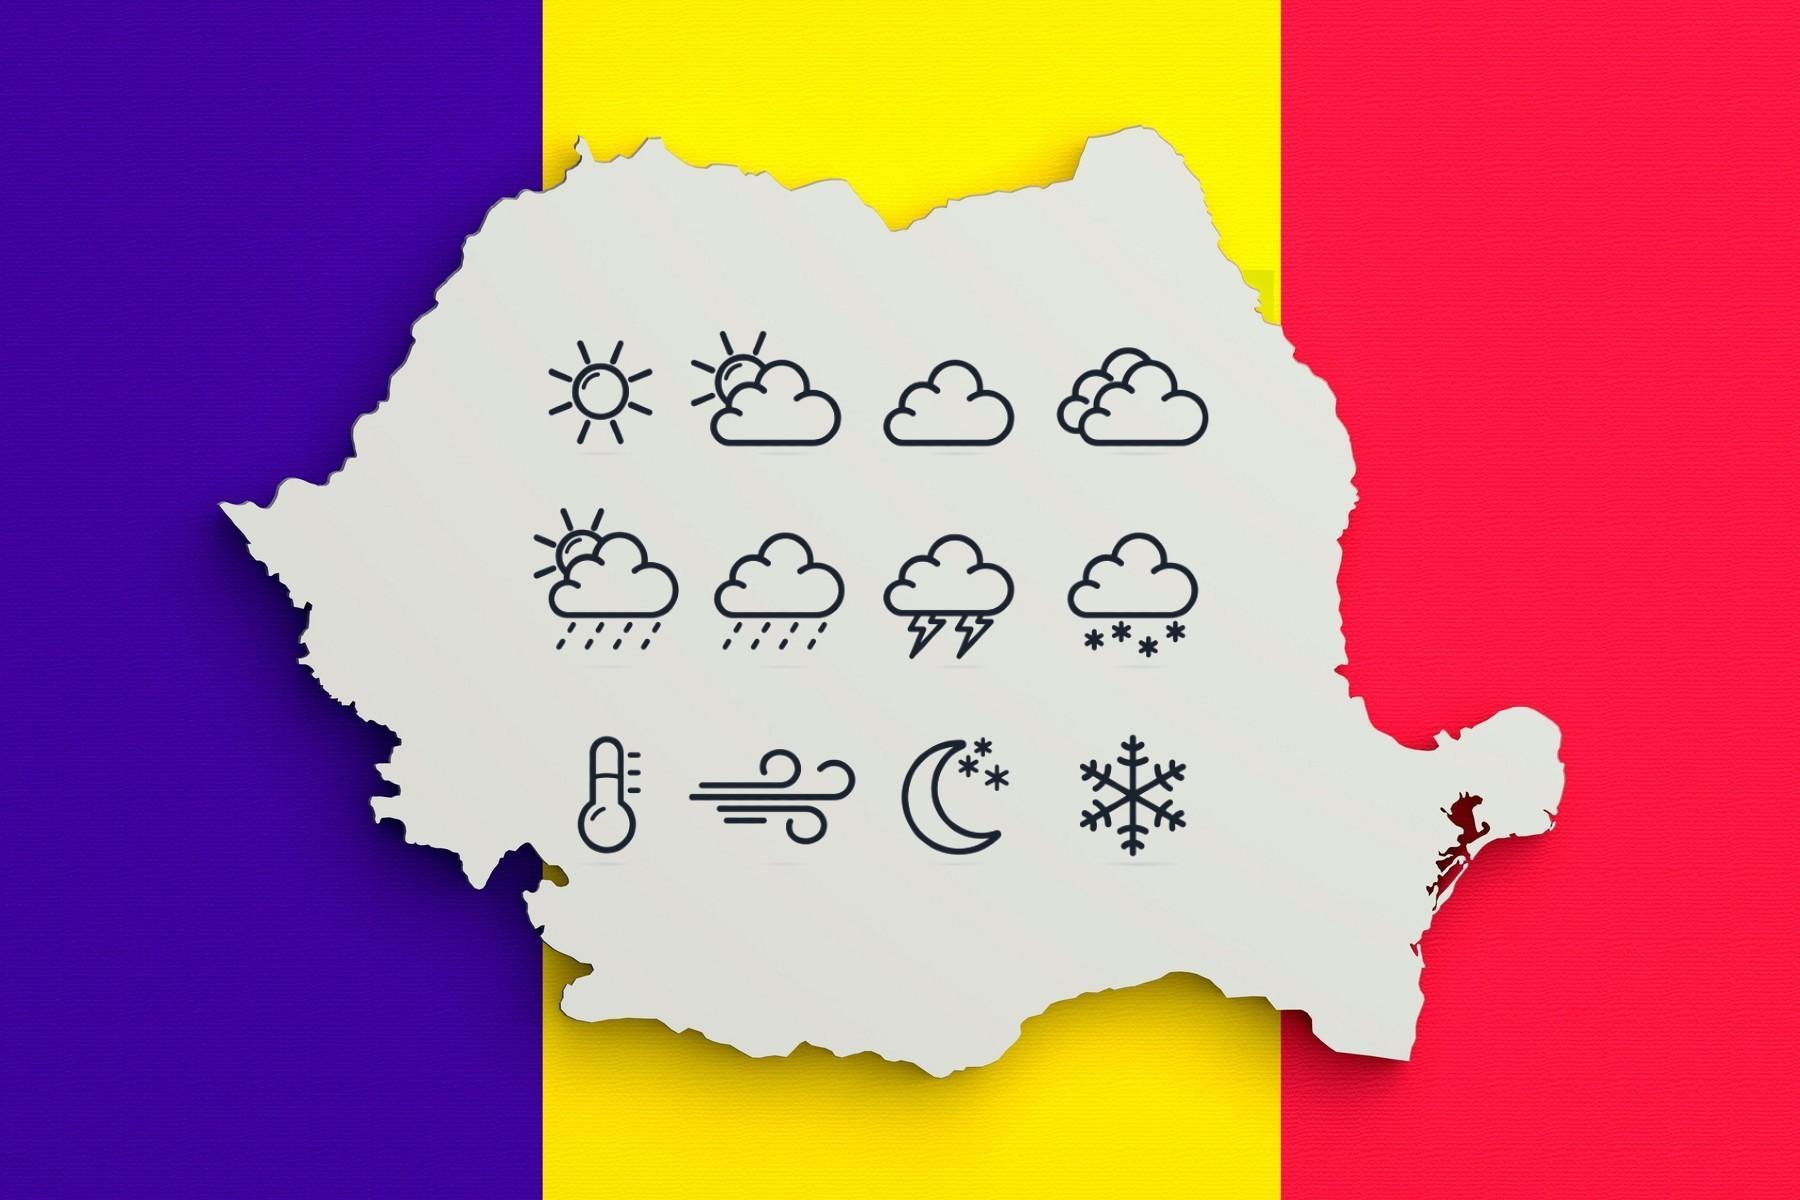 Prognoza meteo 14 martie 2021. Cum e vremea în România și care sunt previziunile ANM pentru astăzi